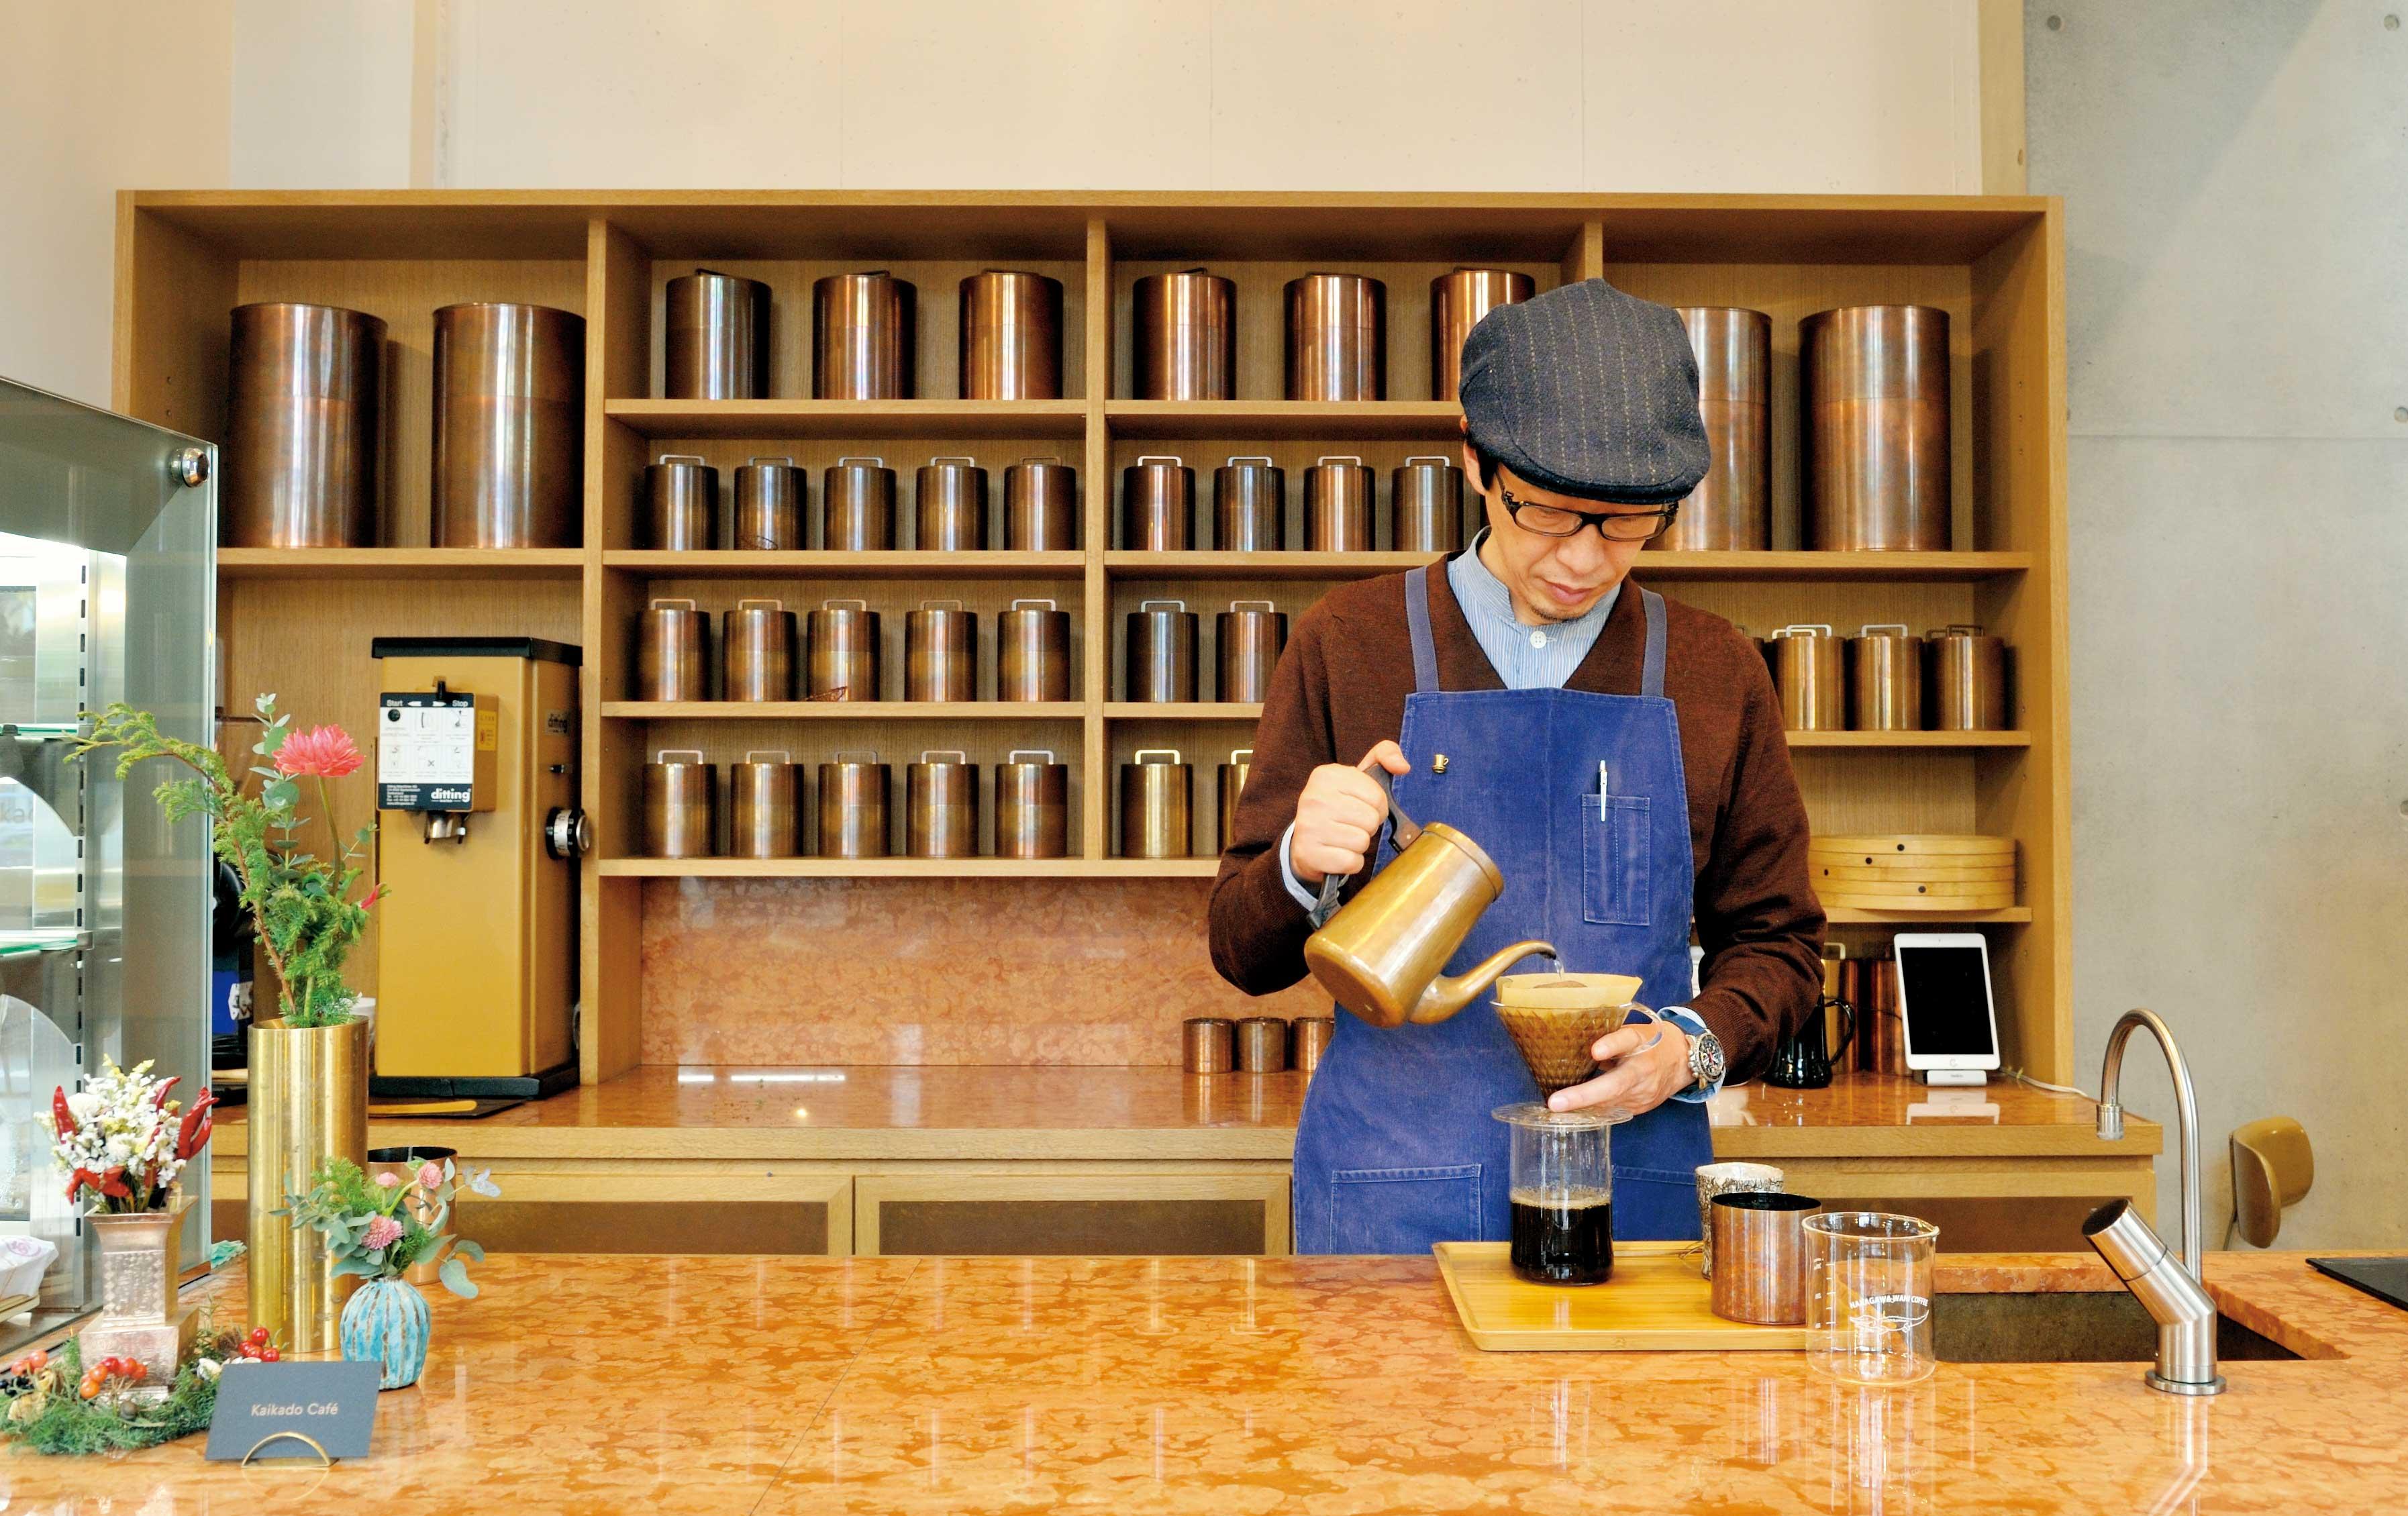 Kaikado Cafe